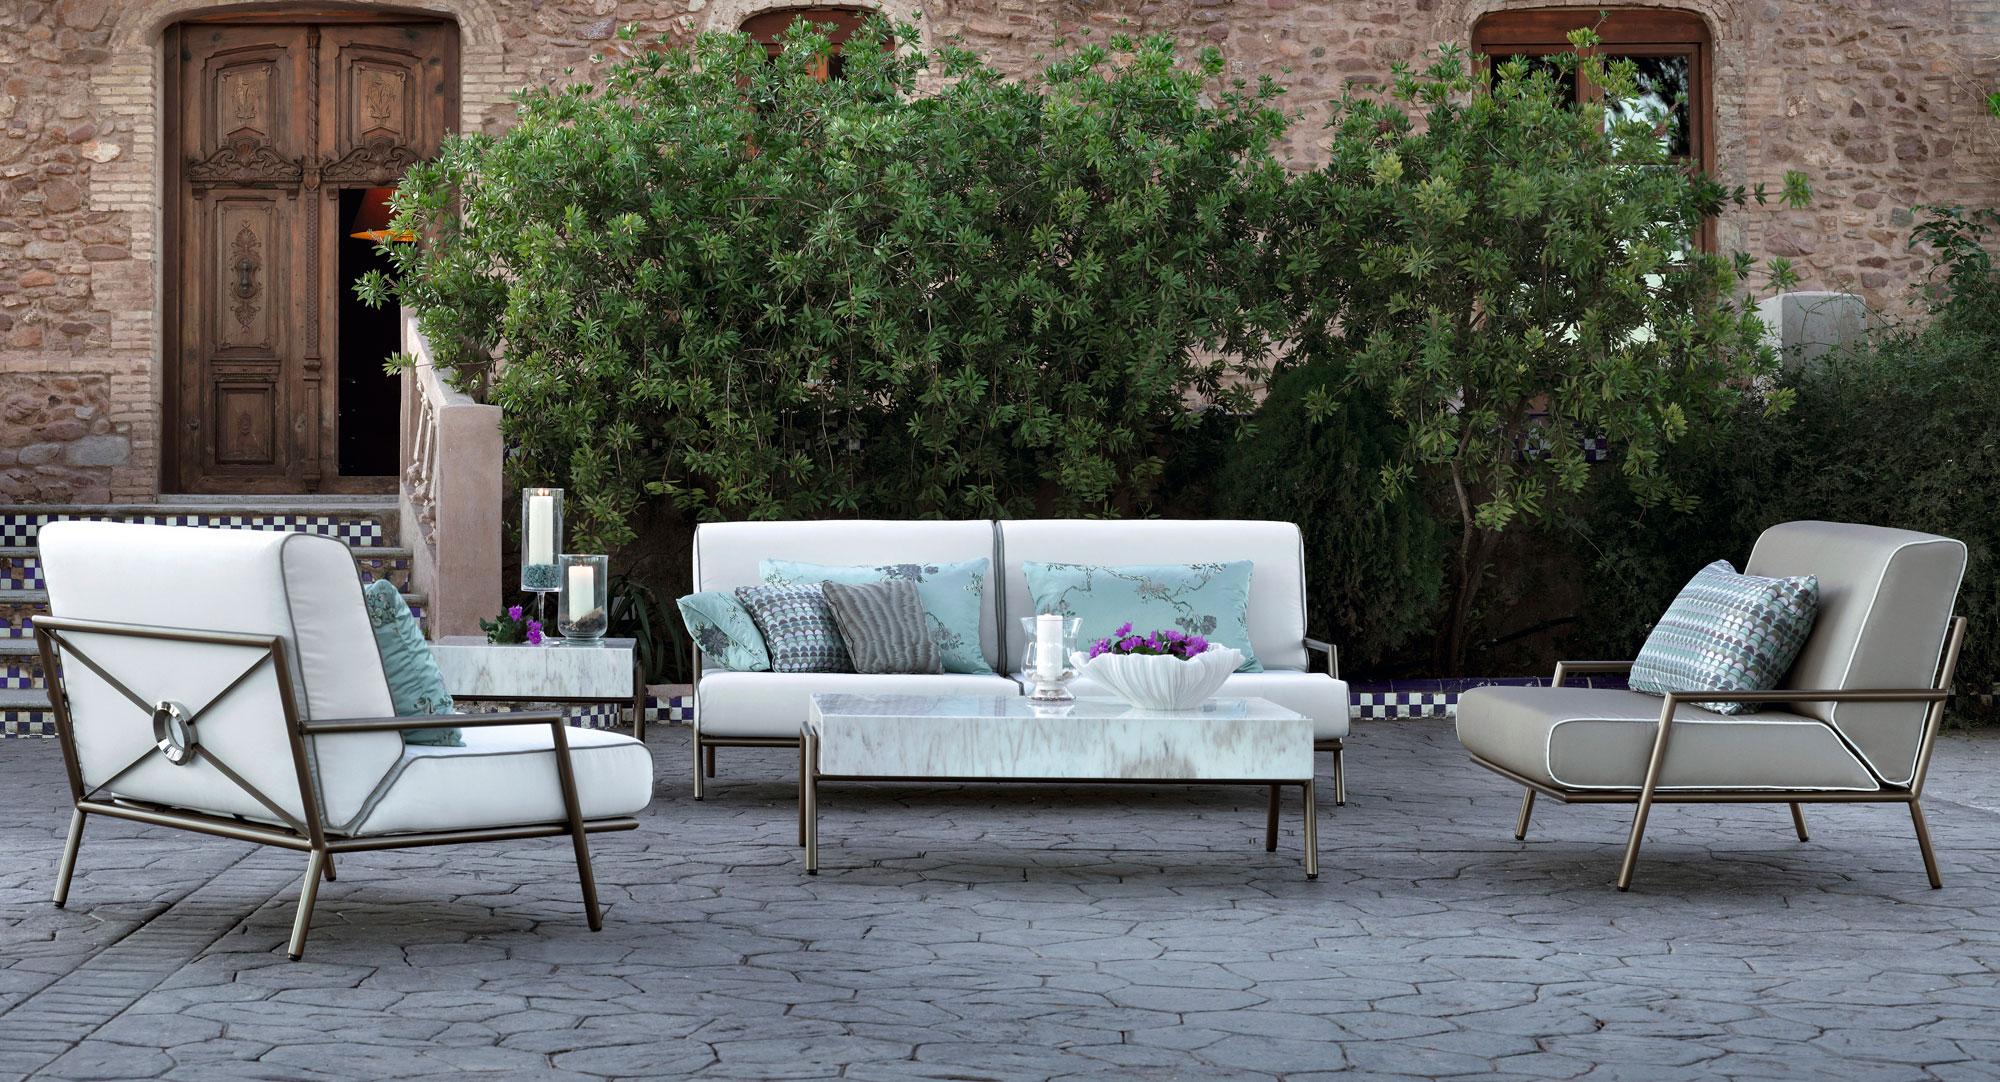 Muebles y decoracion de lujo en for Muebles y decoracion